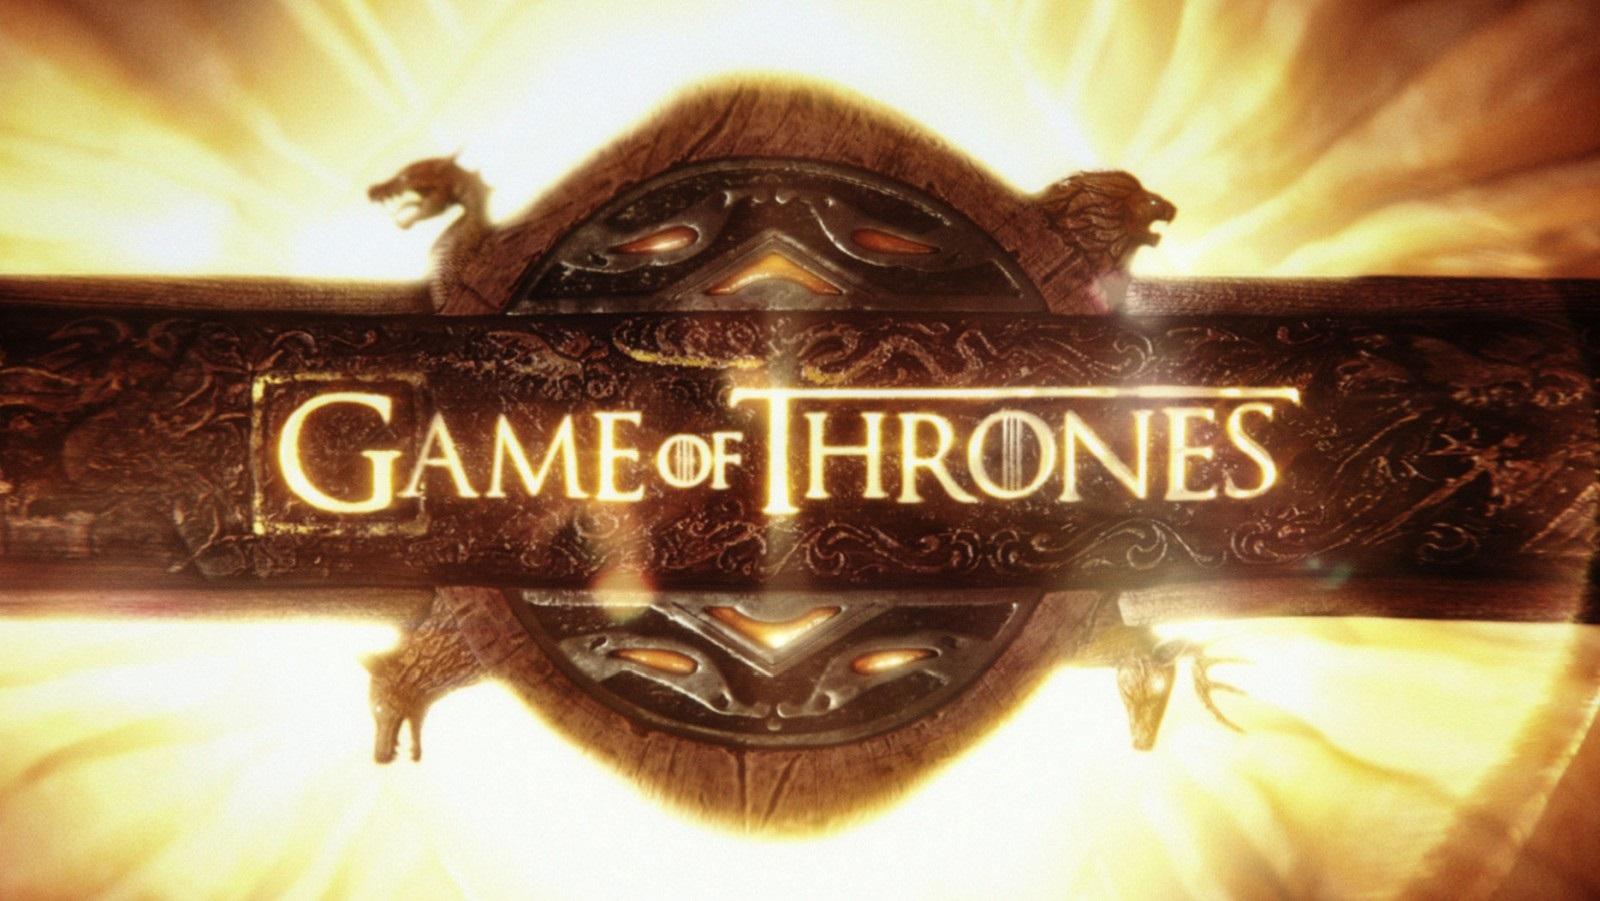 Game of Thrones; screenshot: logo